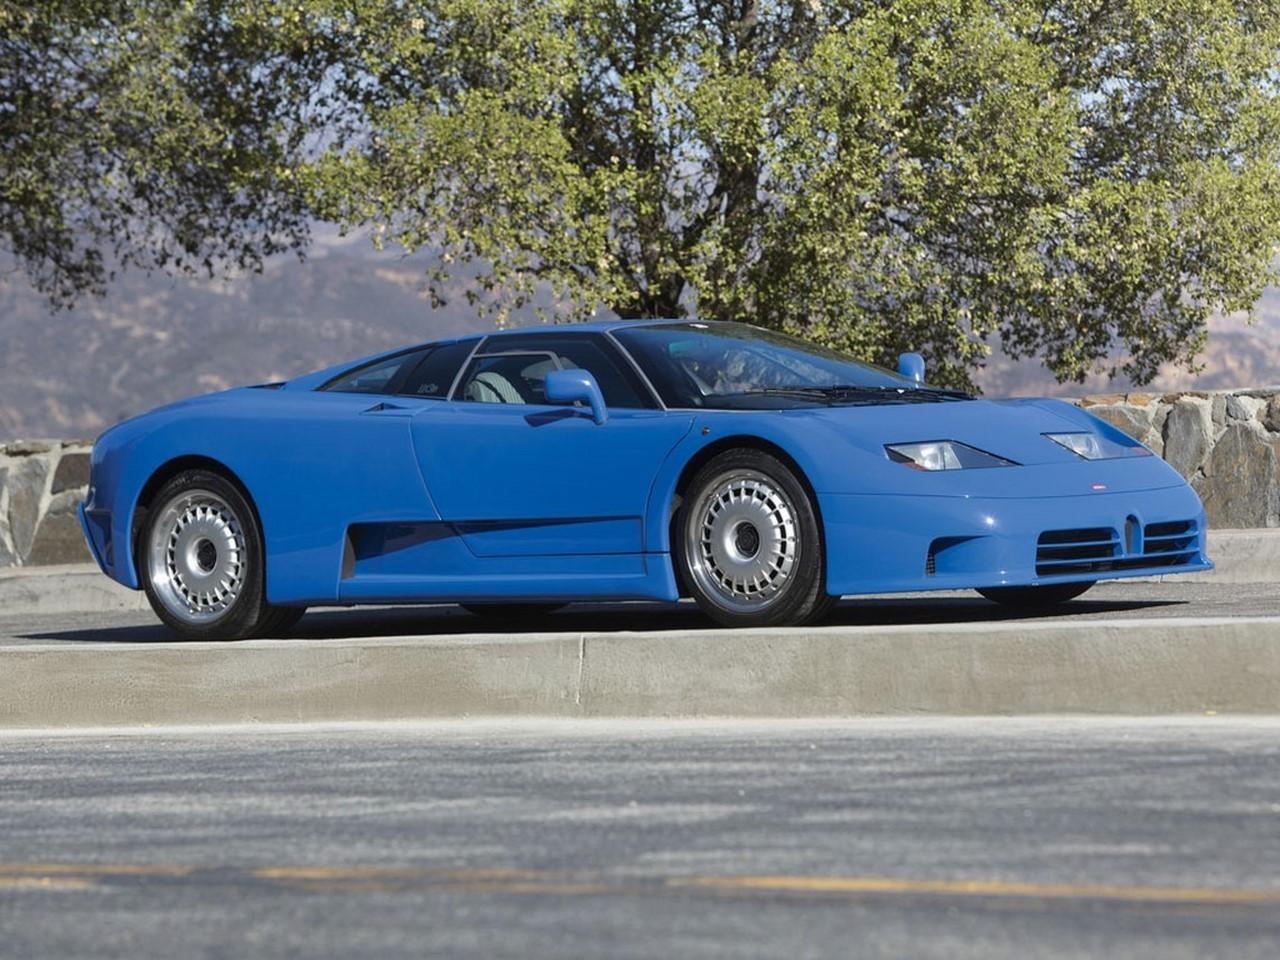 A vendre : une Bugatti EB110 de 1993 aux enchères